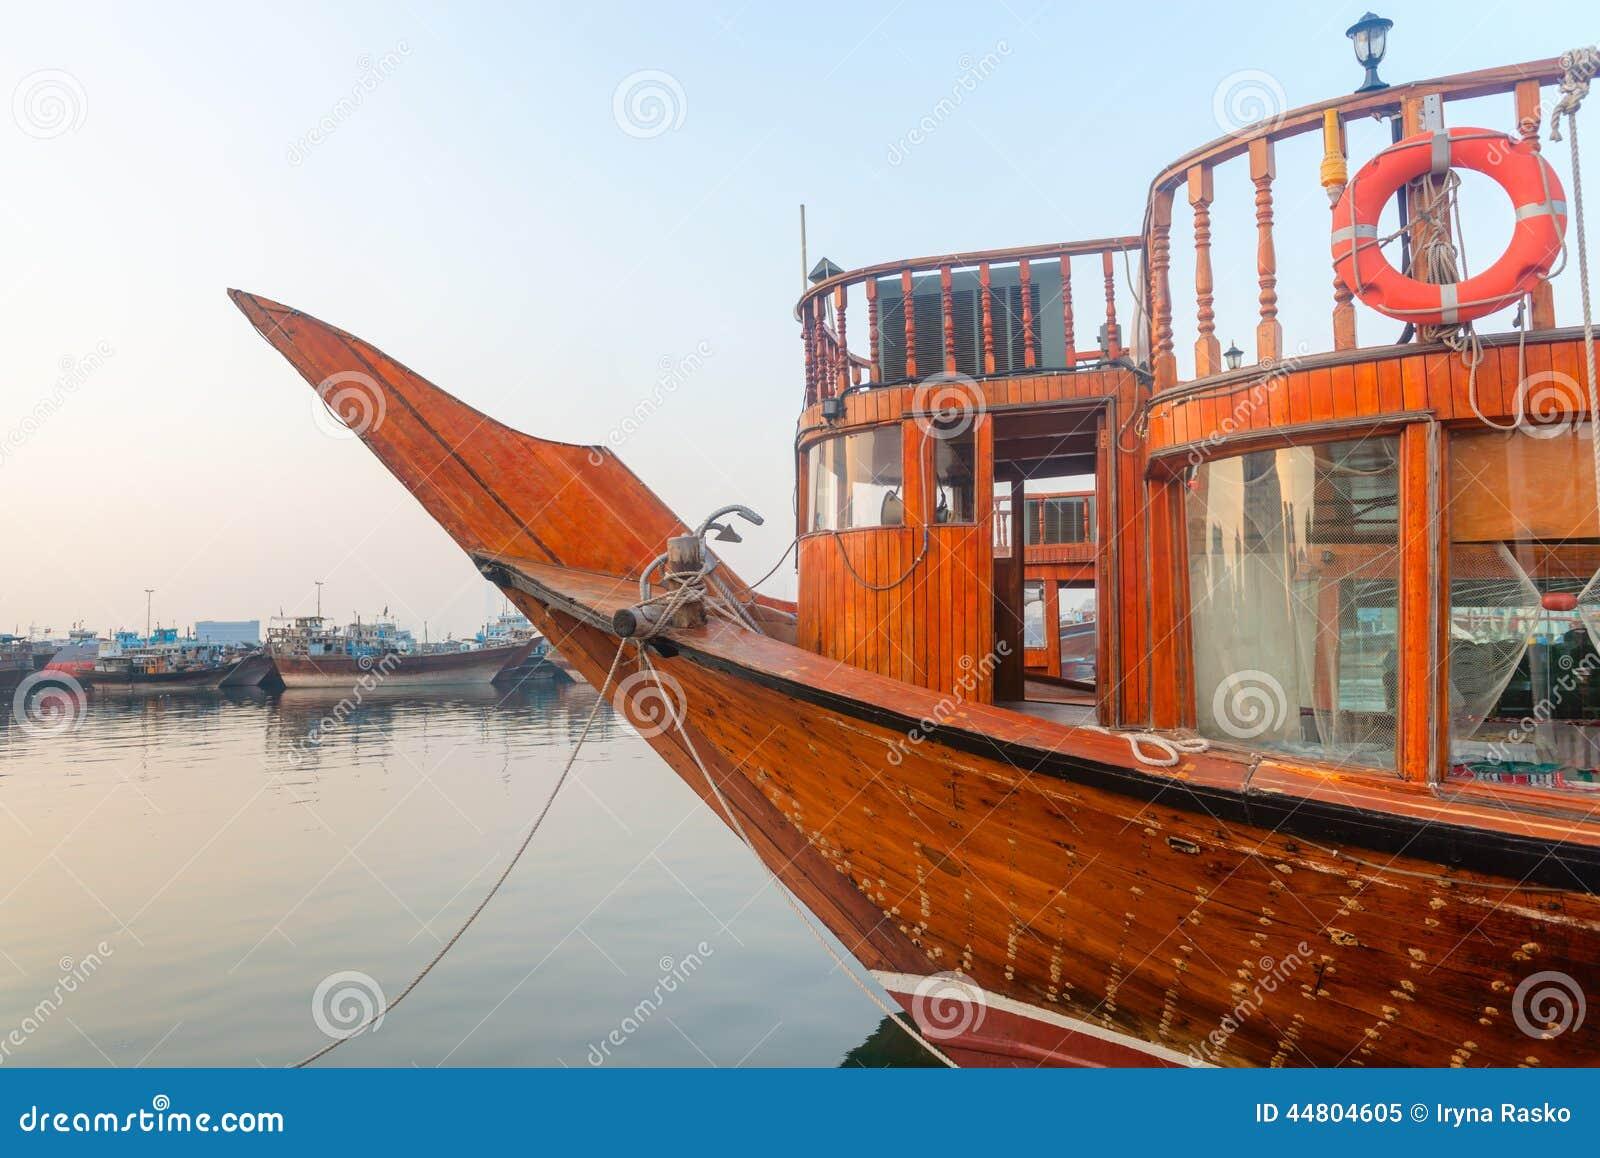 Grote Houten Boot.De Grote Houten Boot Legde Omhoog In Een Haven Vast Stock Afbeelding